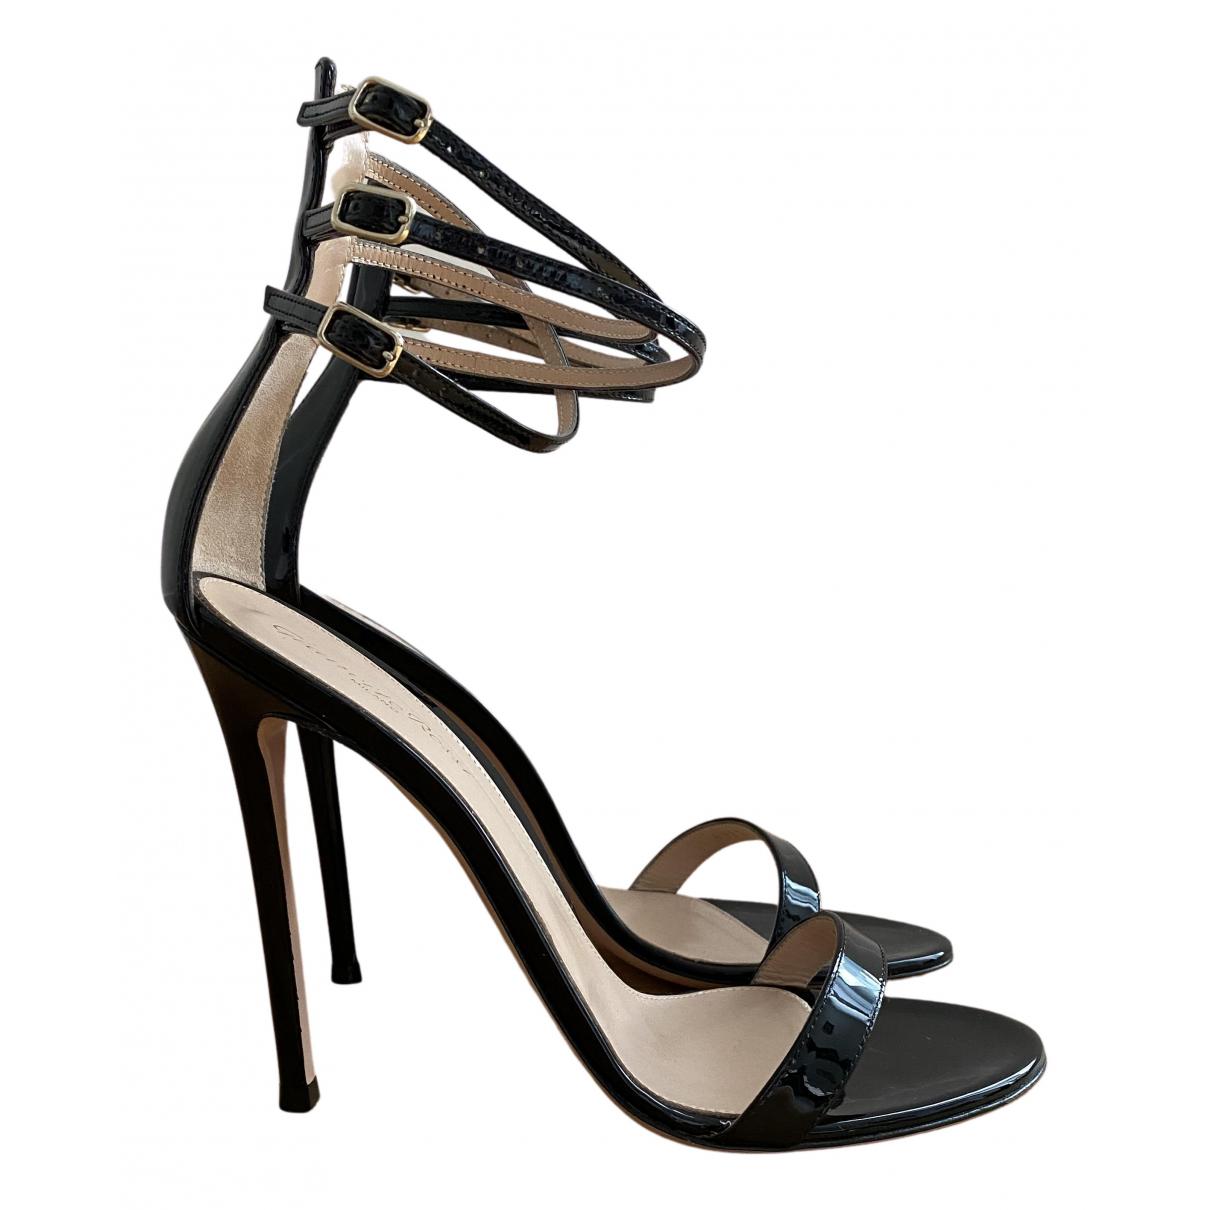 Gianvito Rossi - Sandales   pour femme en cuir verni - noir